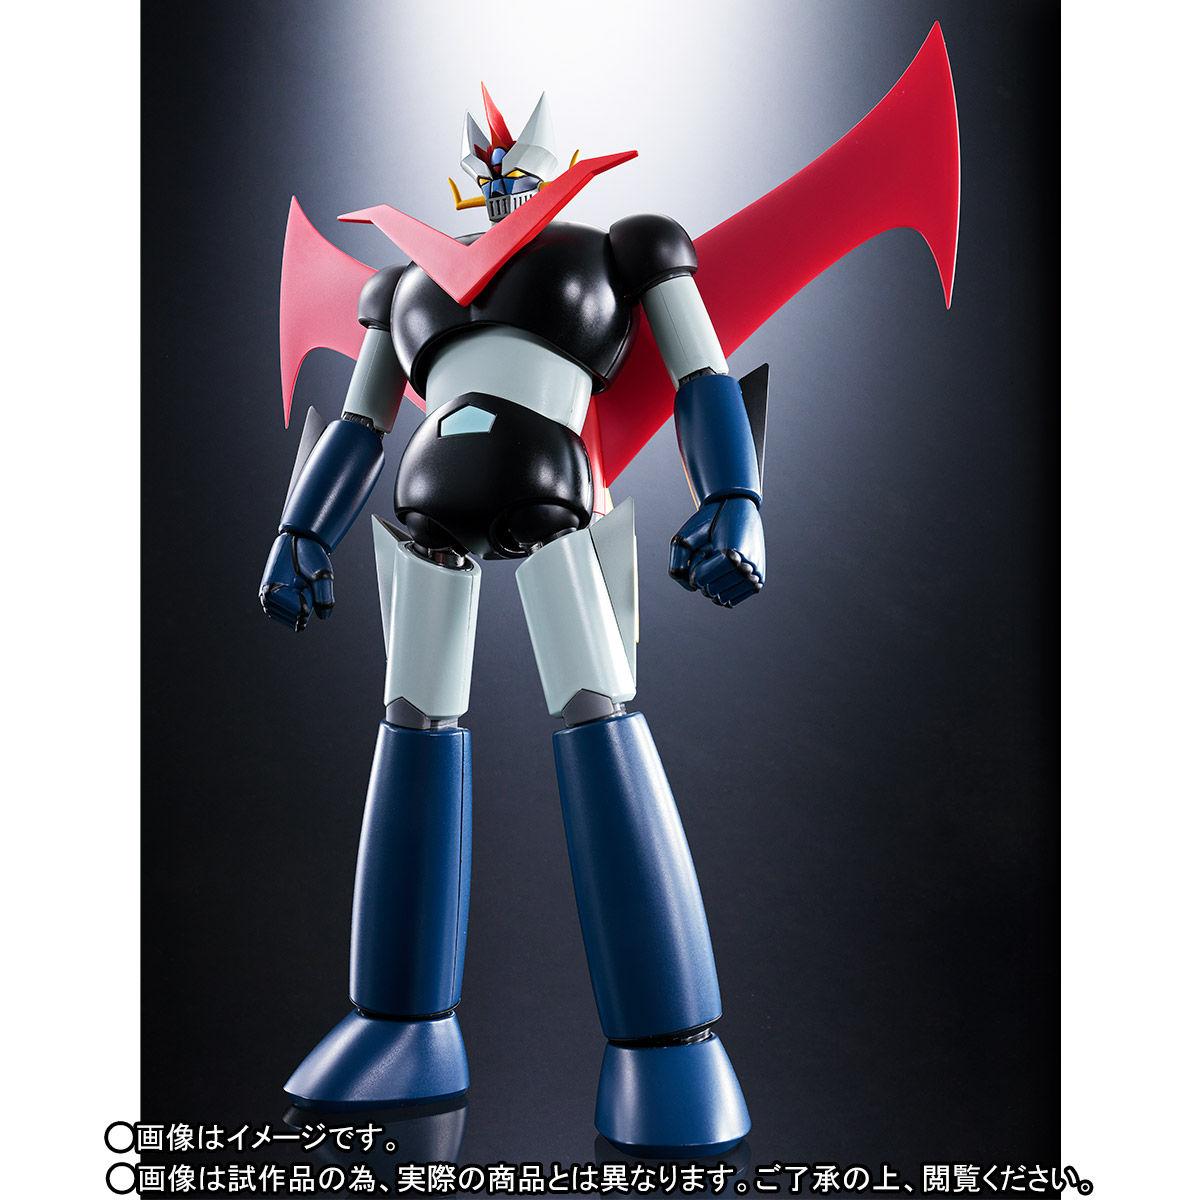 超合金魂 GX-73SP『グレートマジンガー D.C. アニメカラーバージョン』可動フィギュア-010